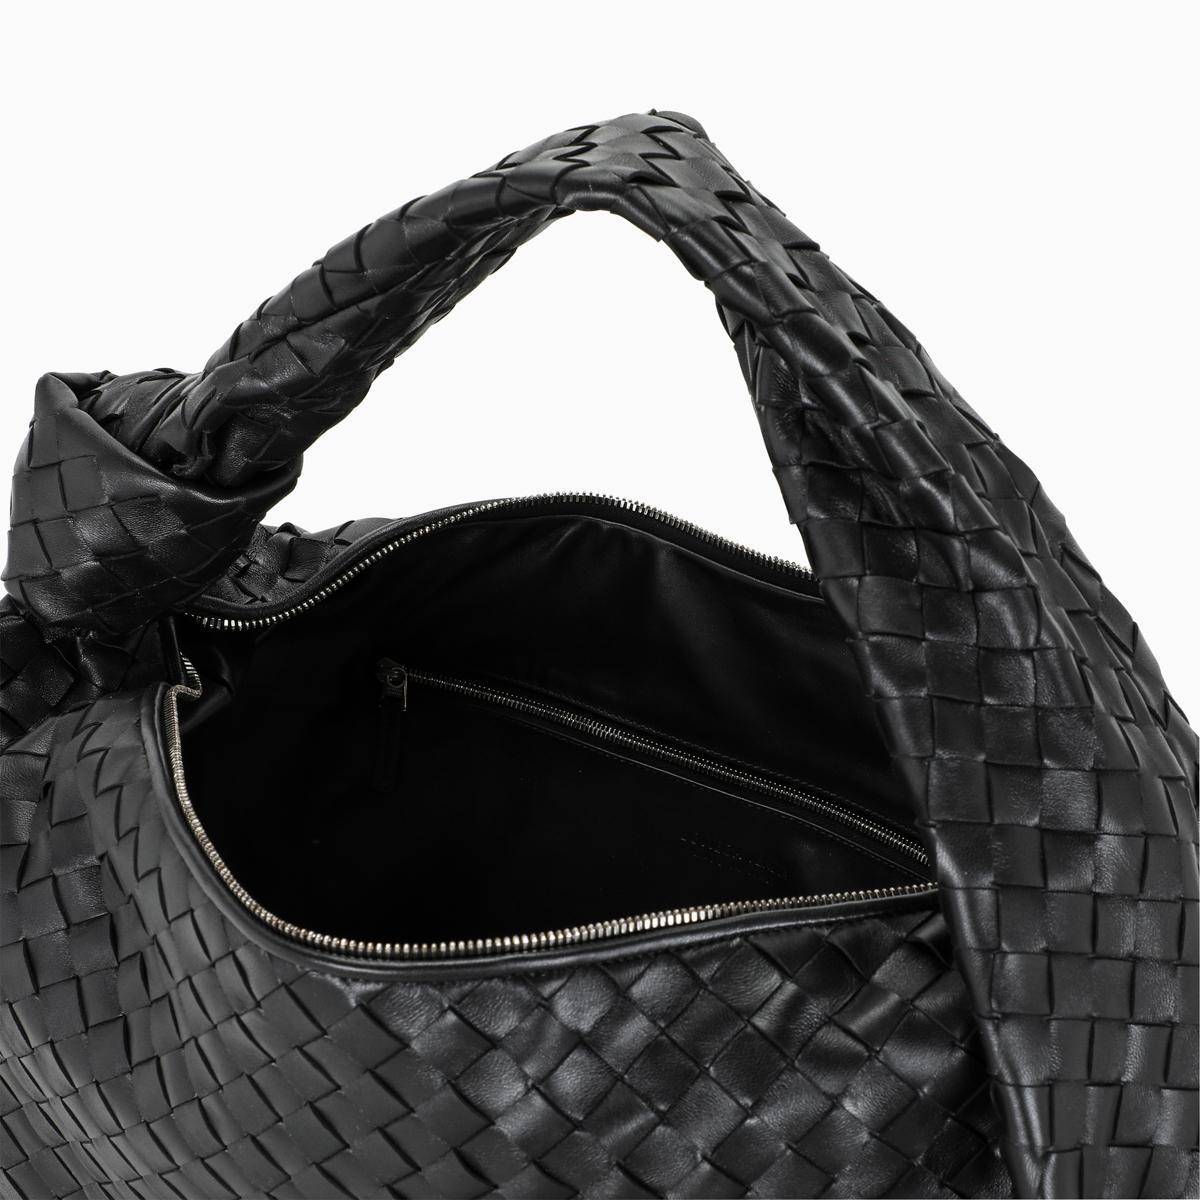 Bottega Veneta Jodie Intrecciato Mini Leather Hobo Bag In